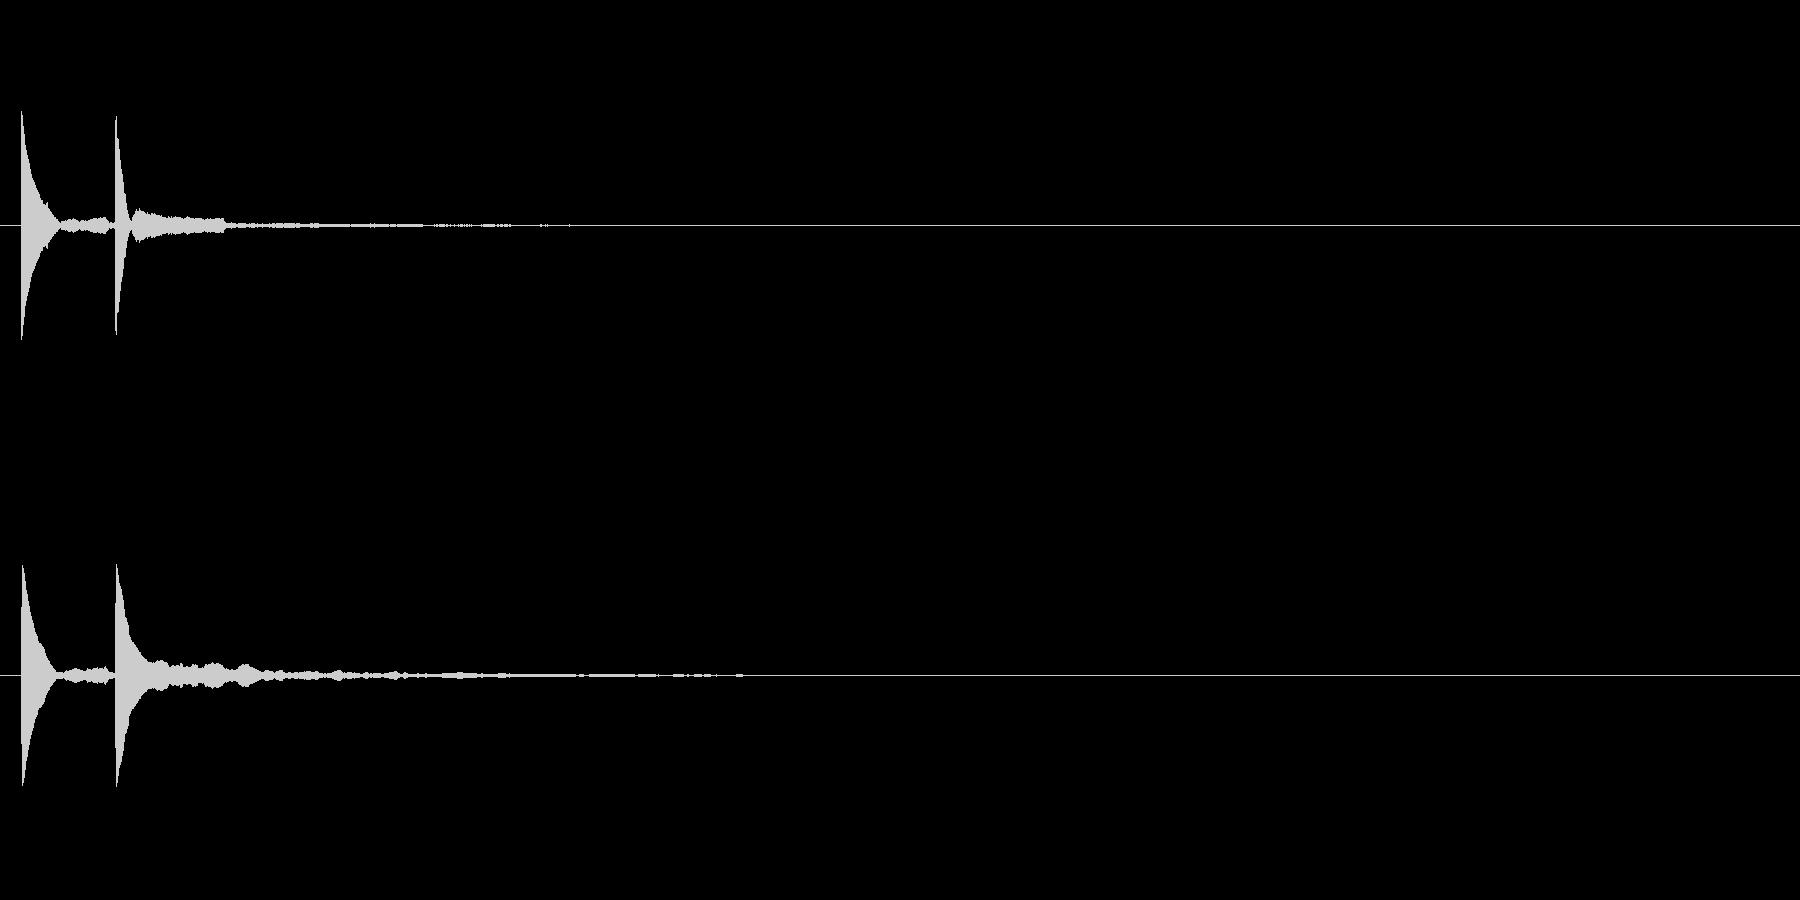 ボタン押した音 システム音 ピコッ2の未再生の波形